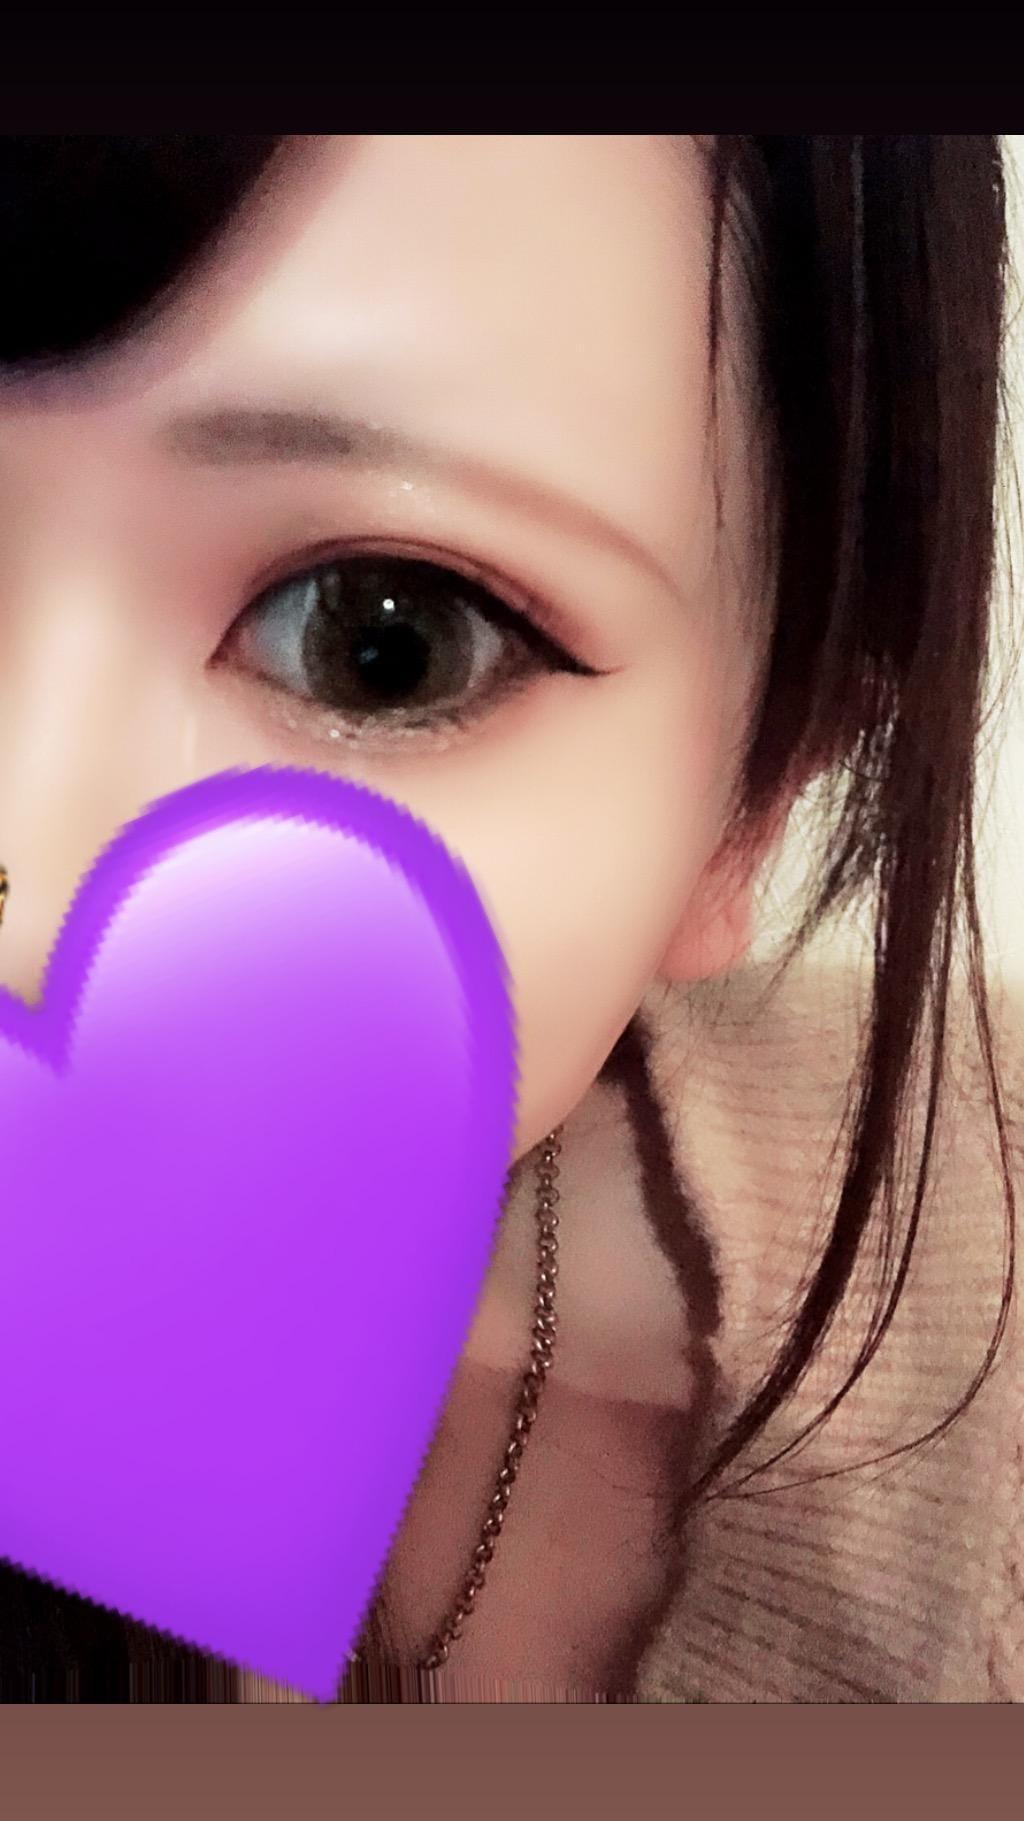 「ありがと〜」12/13(木) 06:02 | あかねの写メ・風俗動画